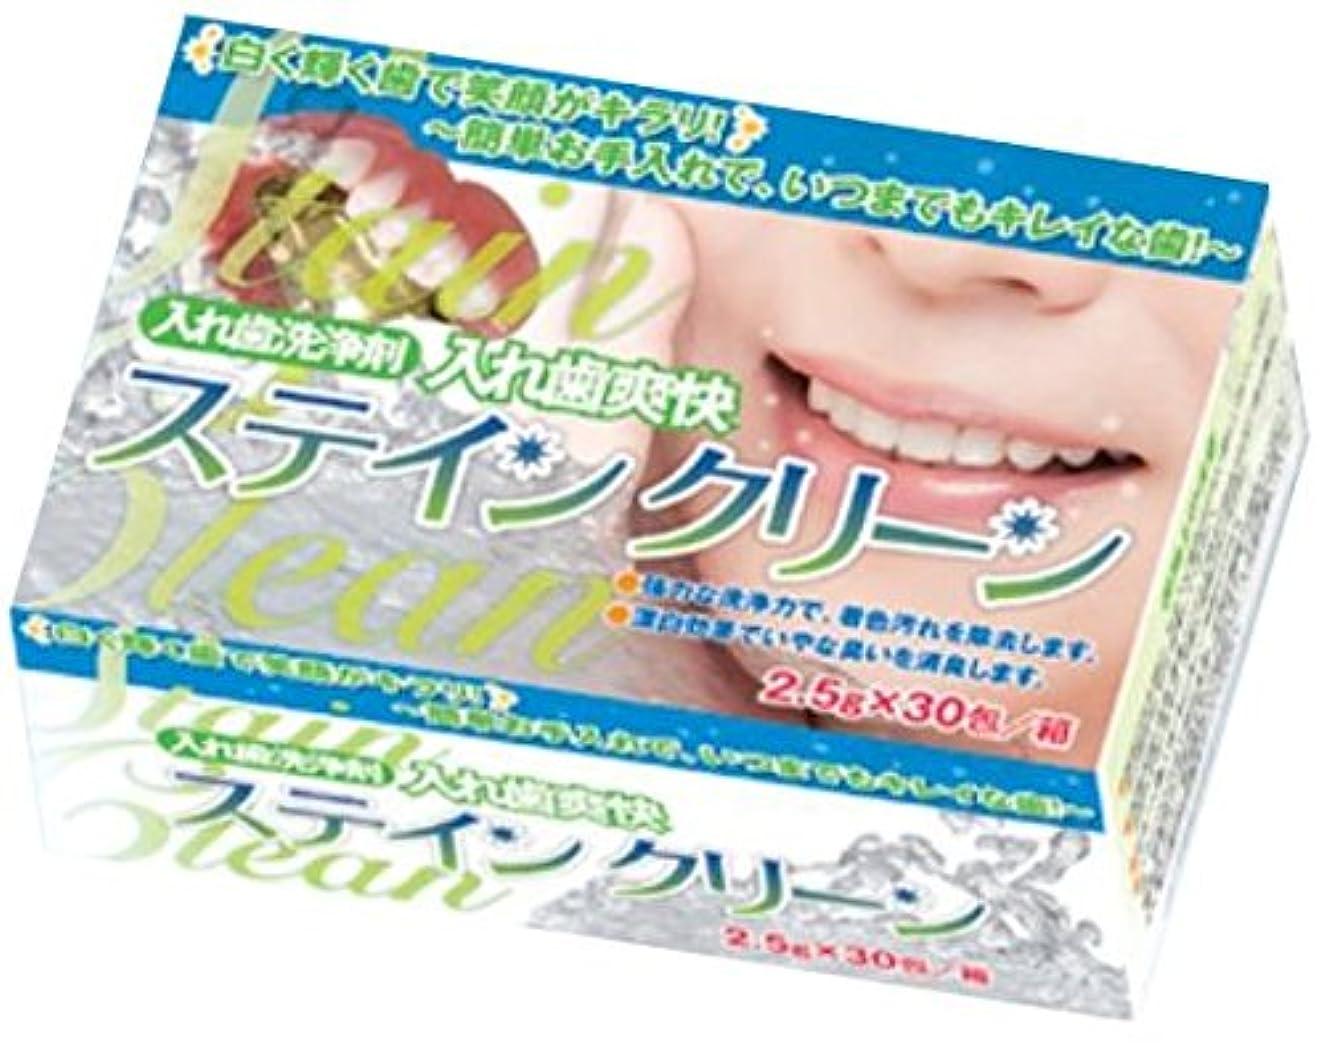 自動的にまともな見る人入れ歯爽快 ステインクリーン 1箱(2.5g × 30包入り) 歯科医院専売品 (1箱)